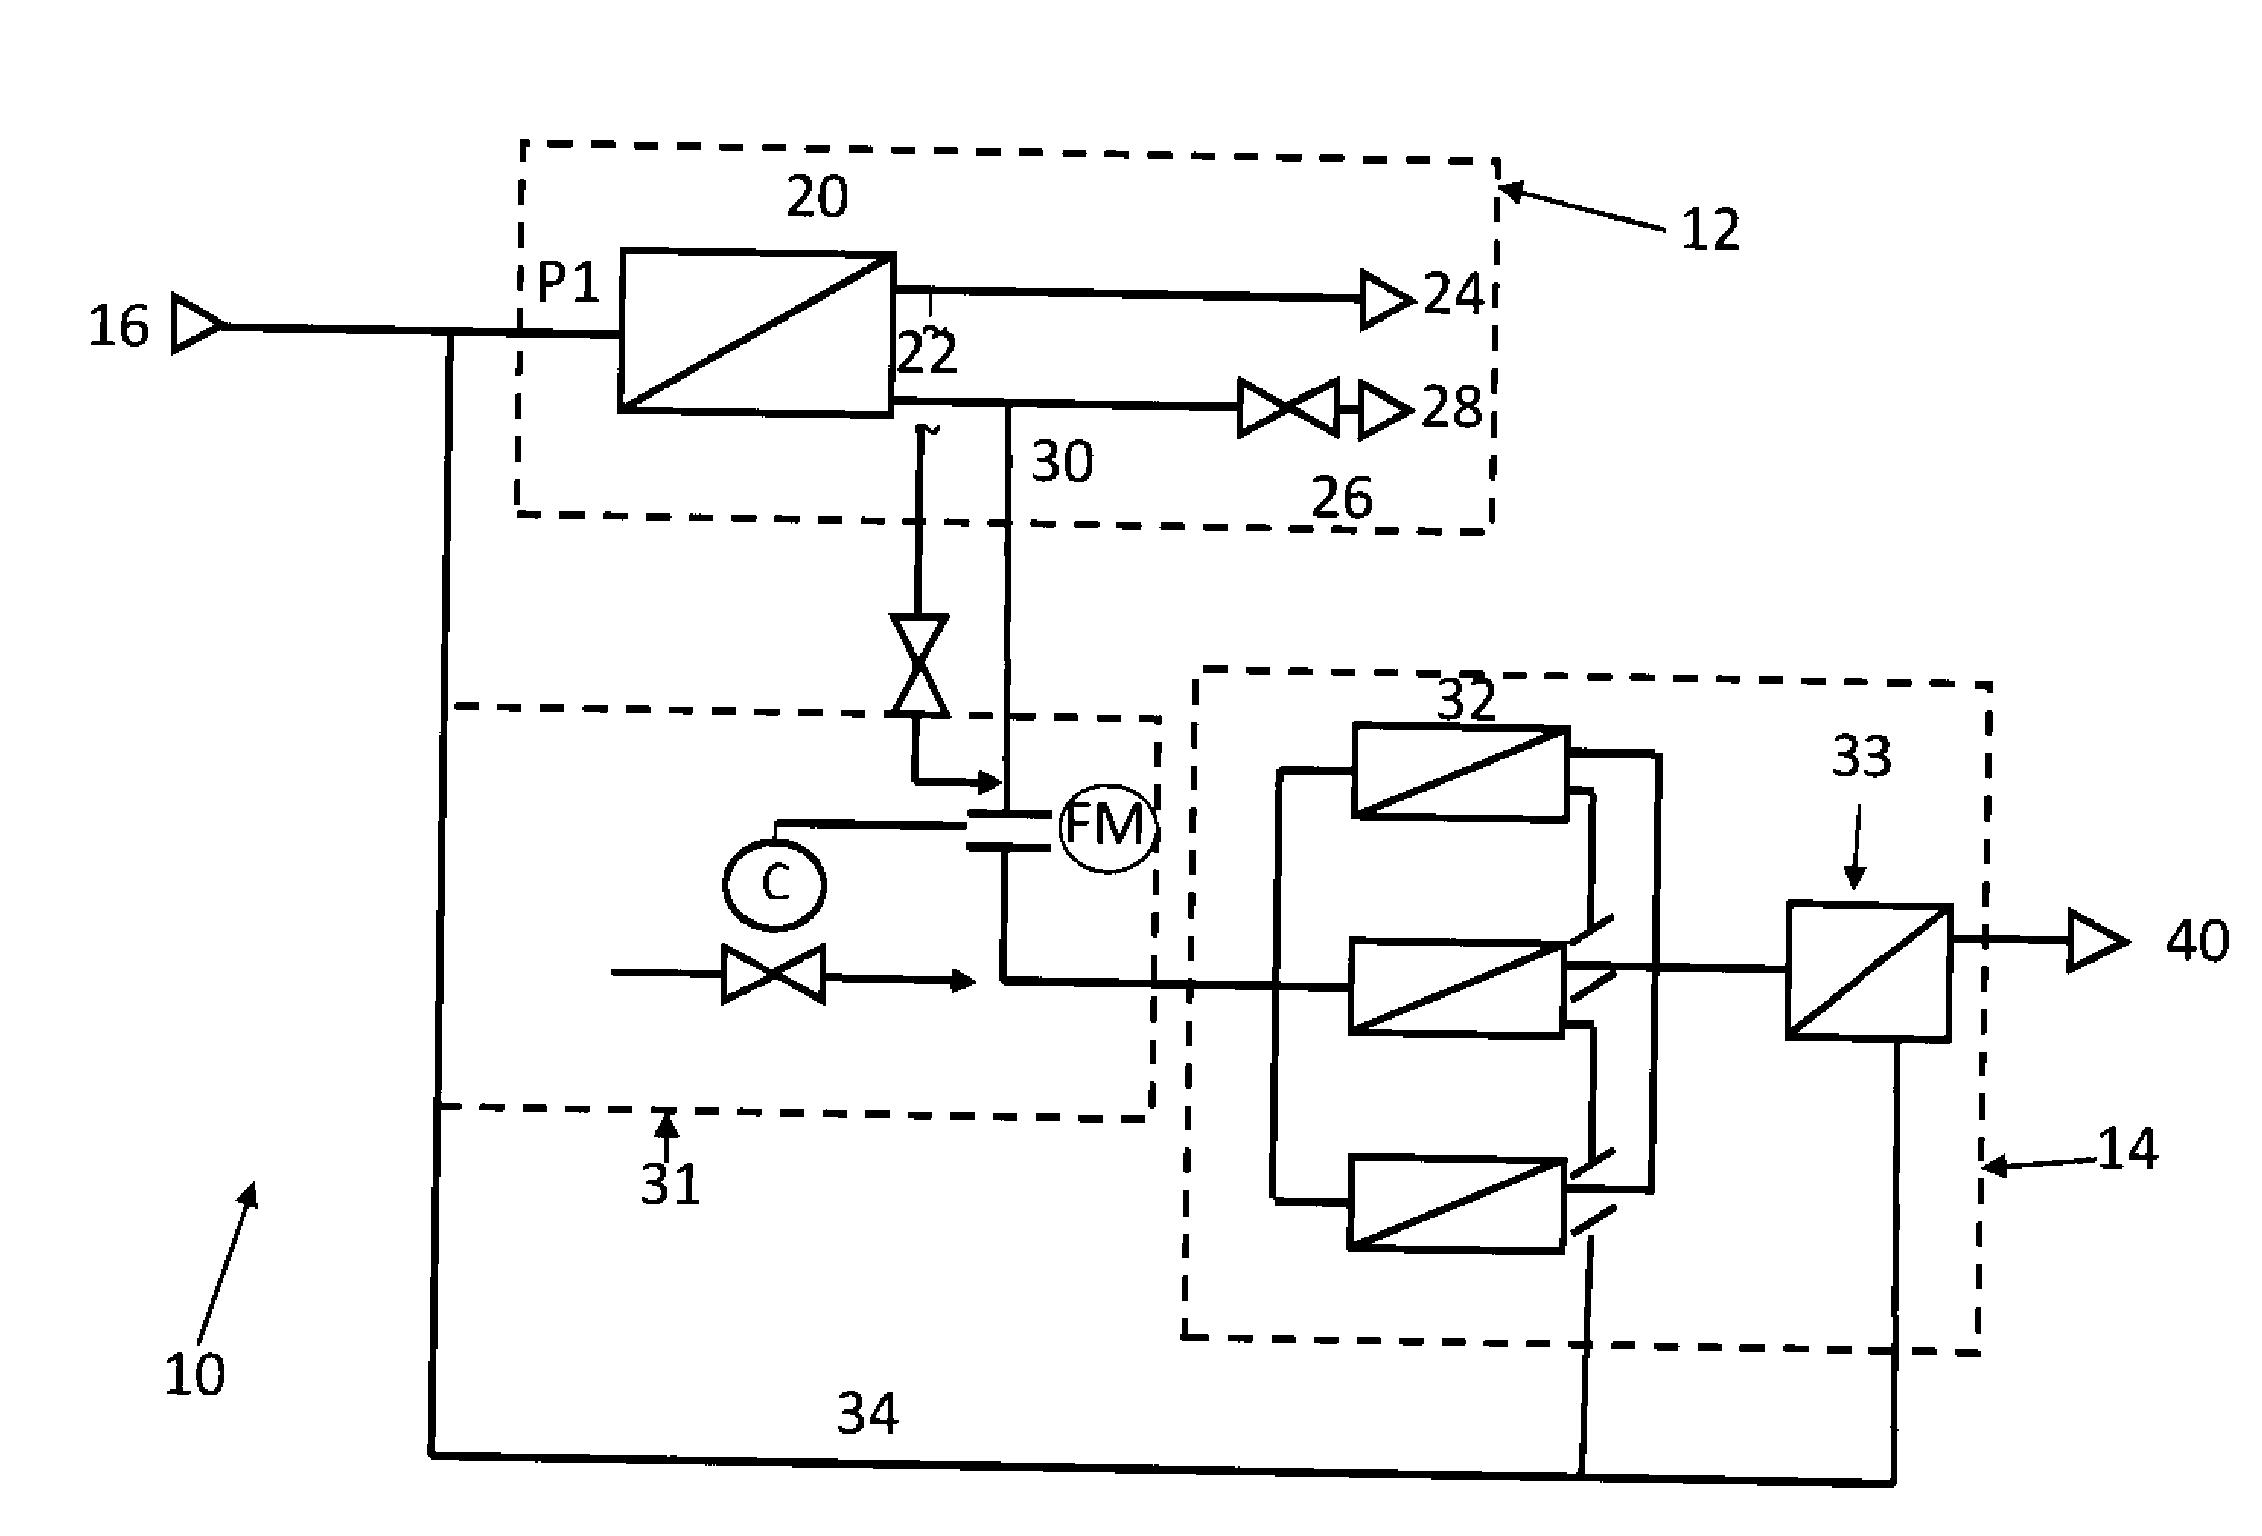 pressure transmitter schematic symbol